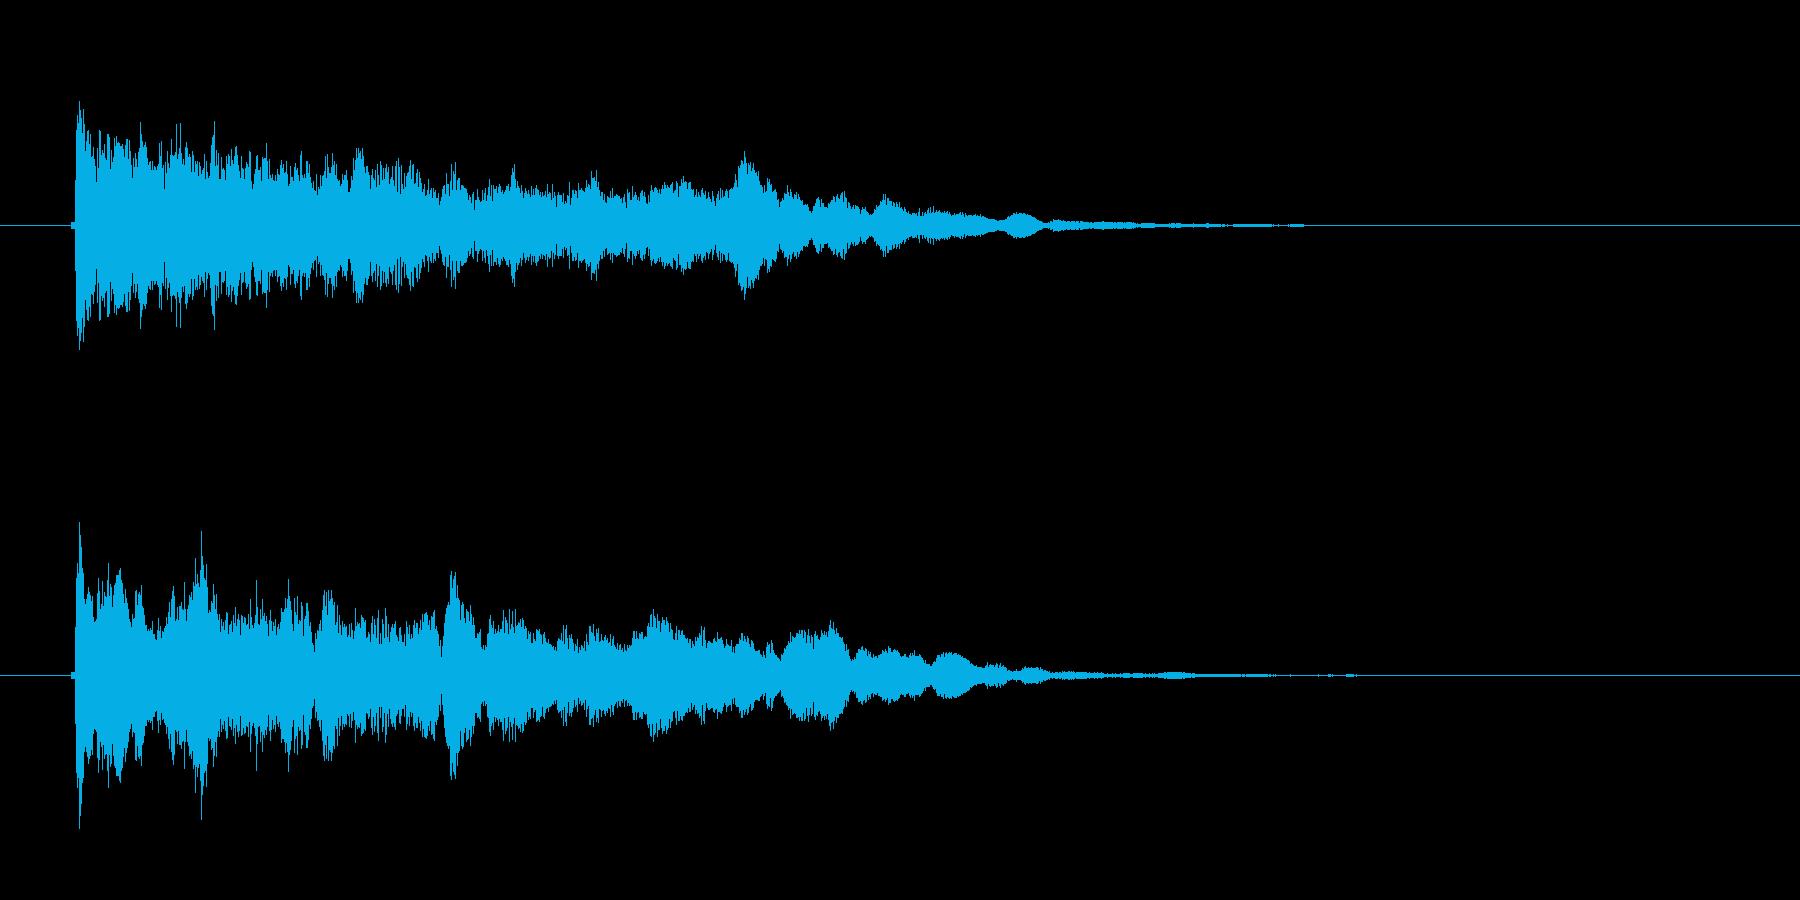 「きゅう?うん?」オリエンタルな弦楽器の再生済みの波形